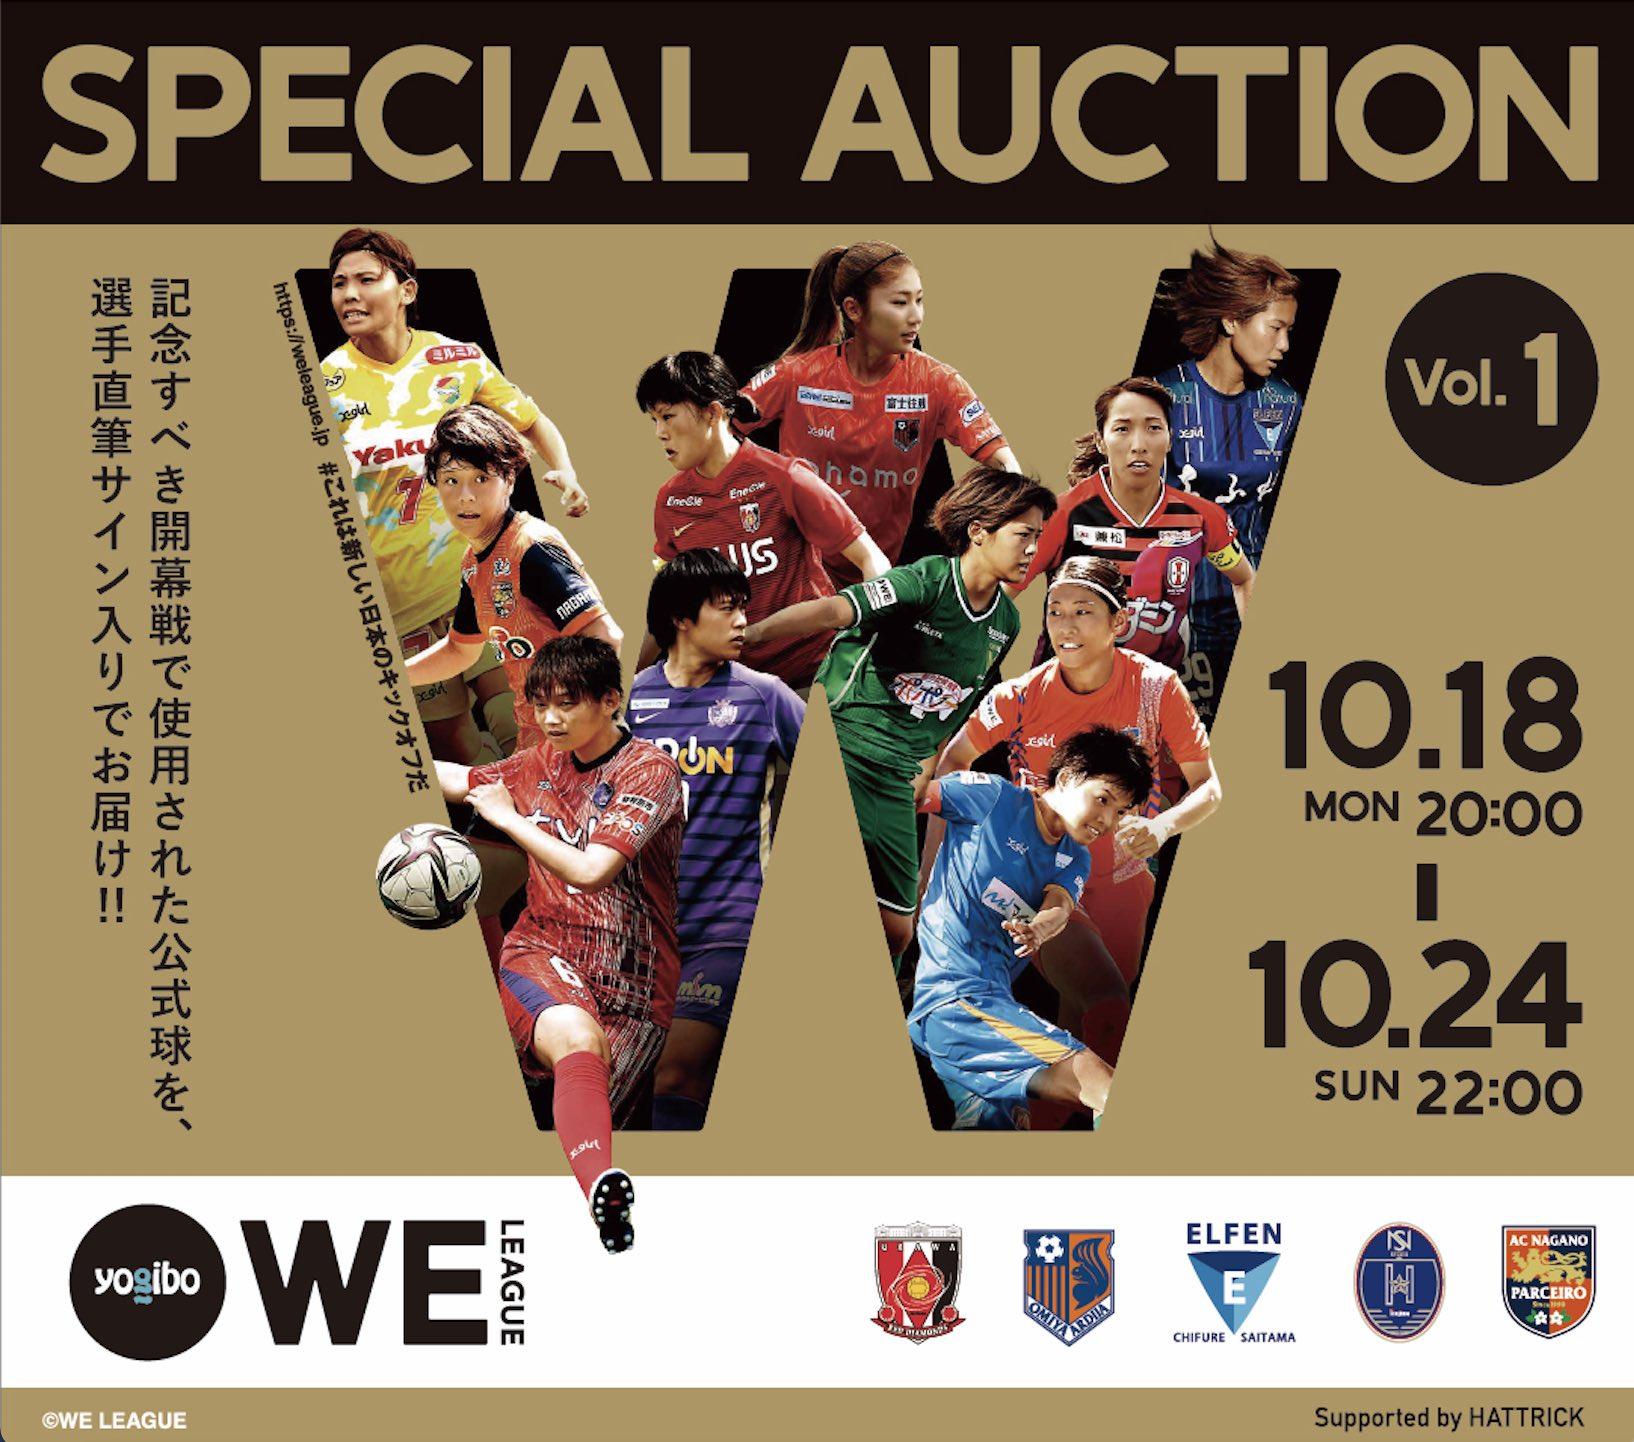 WEリーグ 開幕記念スペシャルオークション VOL.1